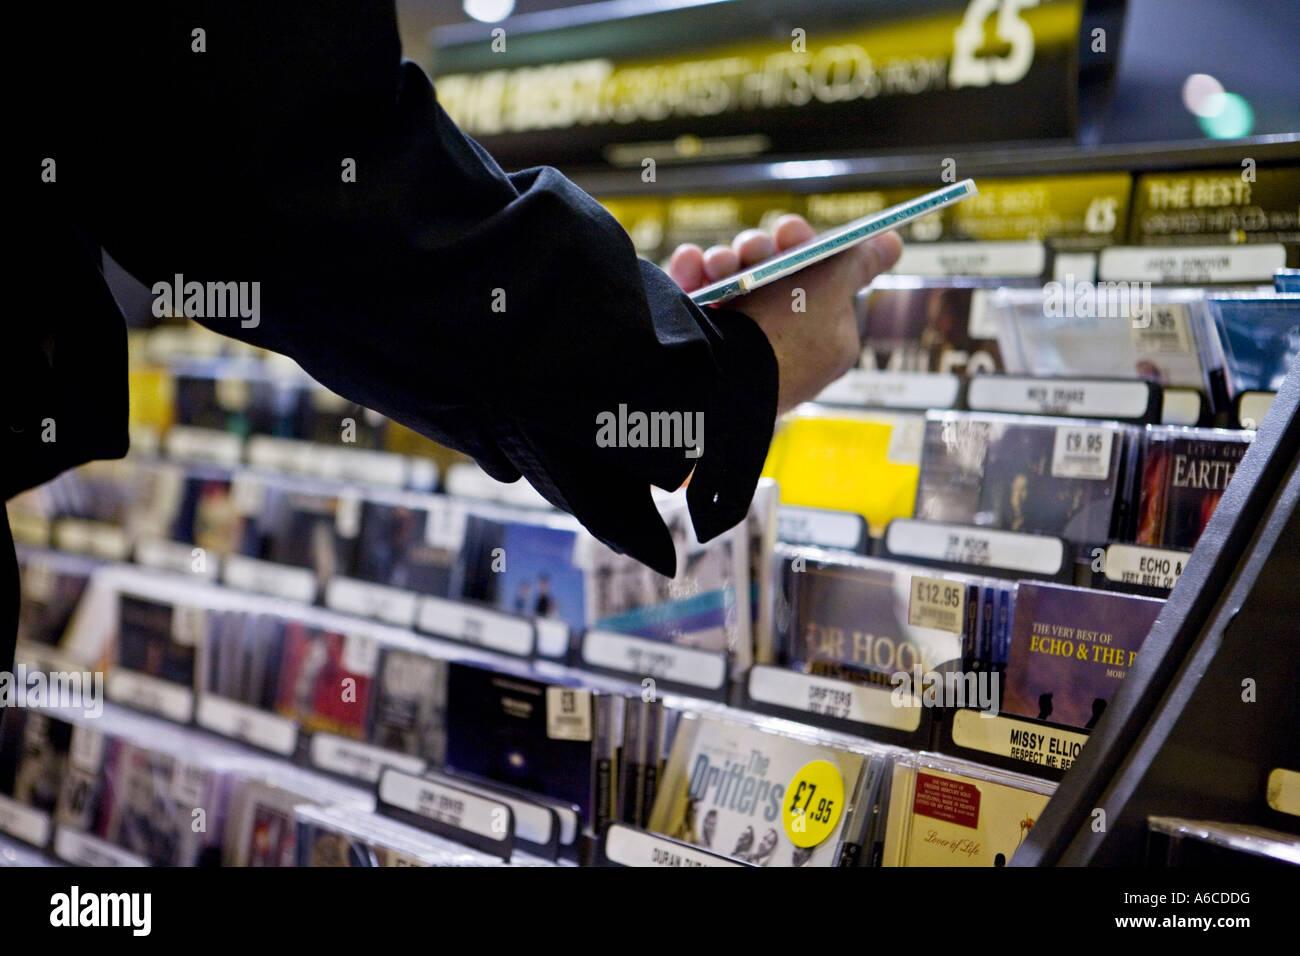 L'homme ramasse sur CD tablette au HMV à Piccadilly Circus, les ventes de CD sont en baisse comme les téléchargements Photo Stock